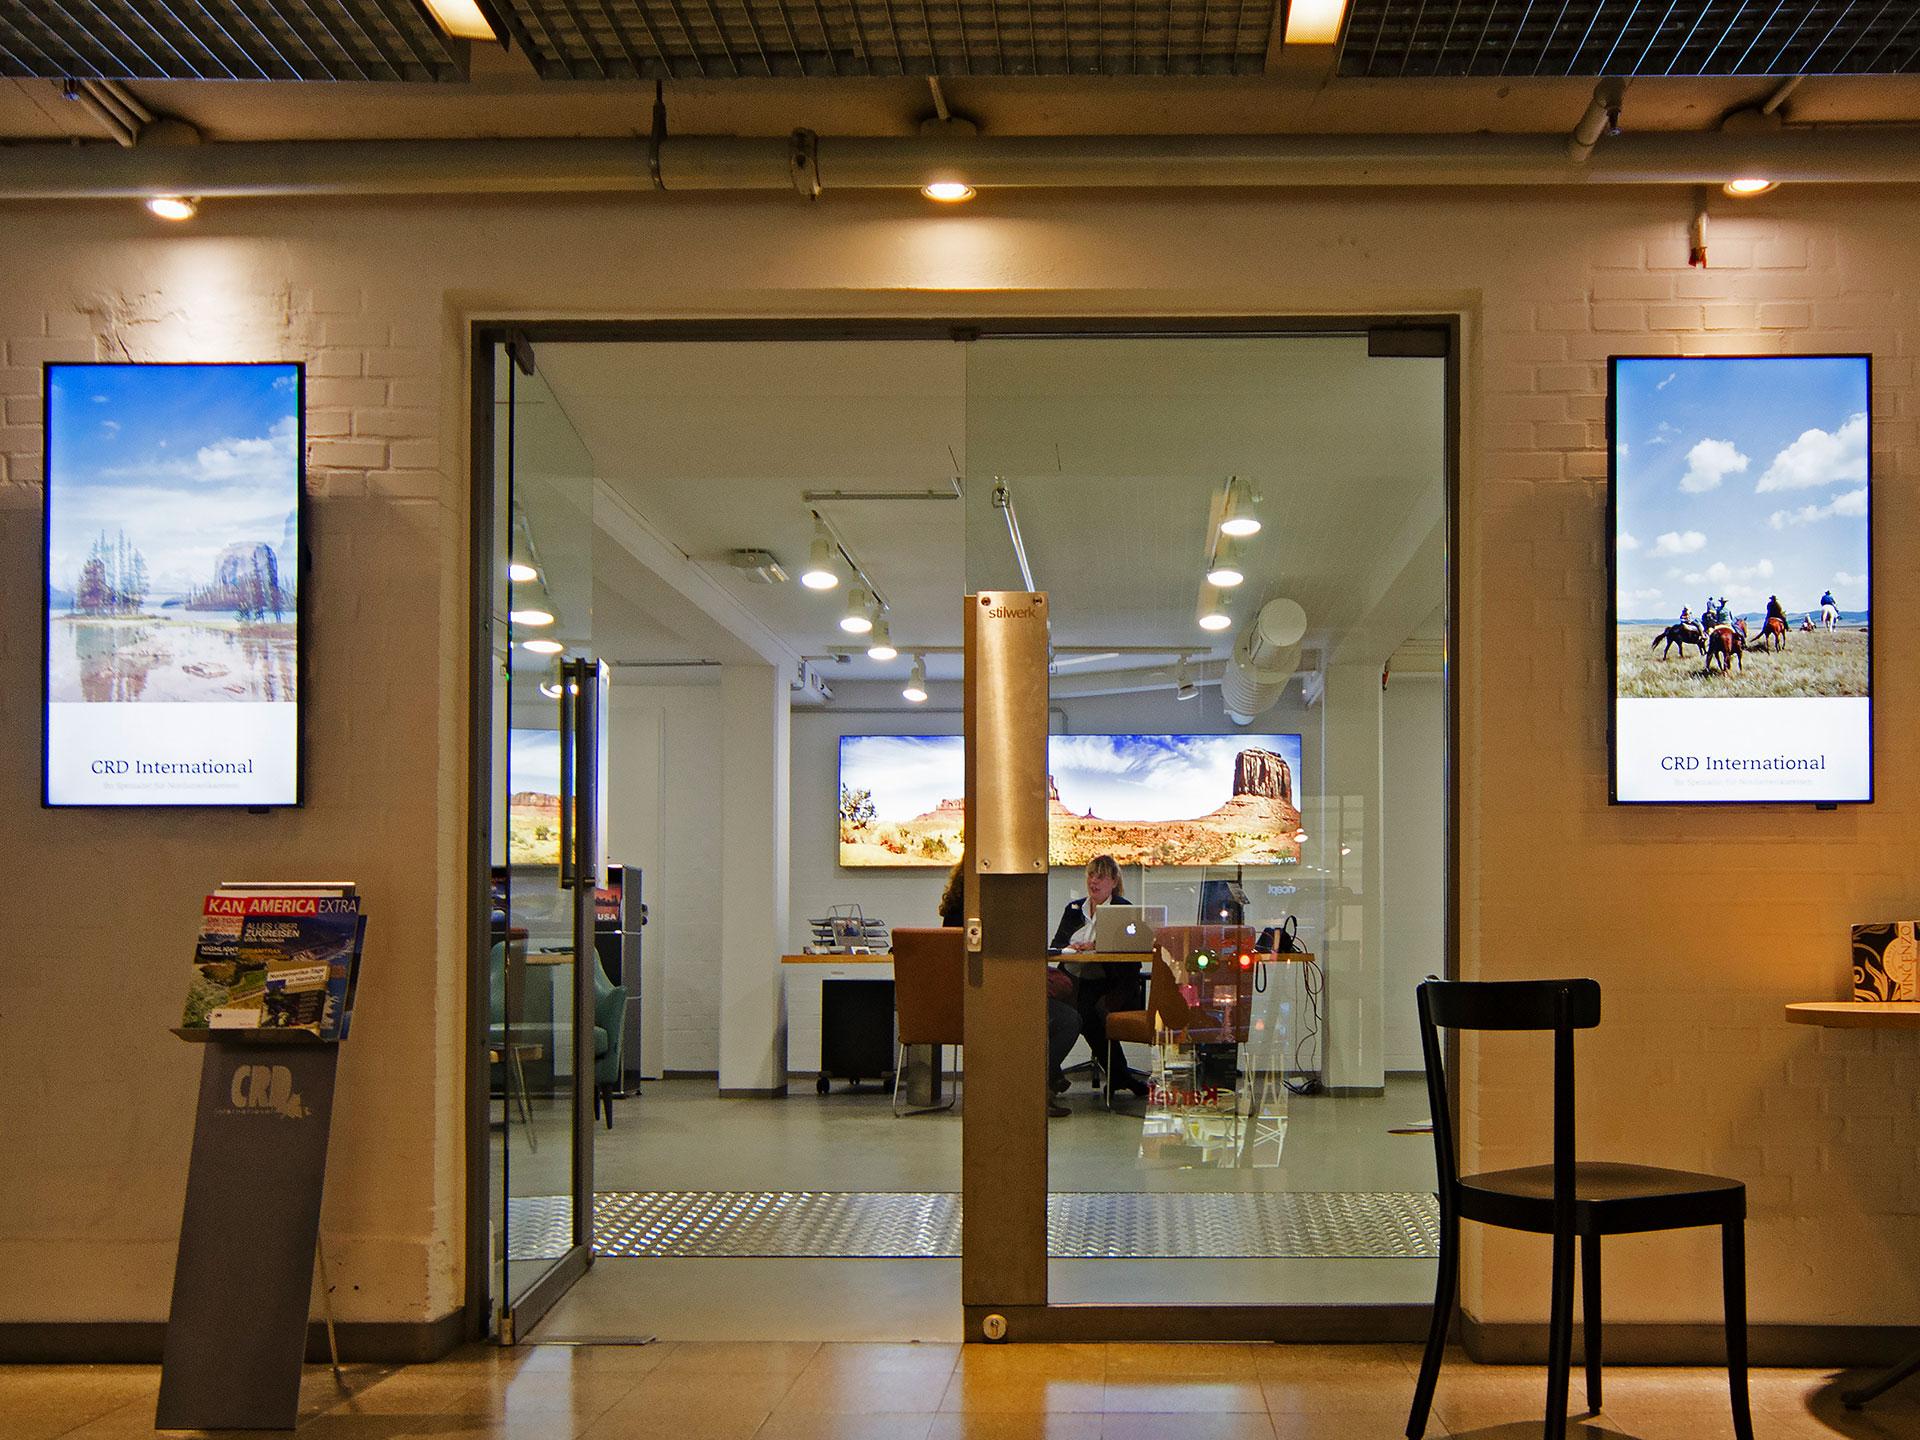 Kombination aus Digital Signage Displays und Leuchtkästen